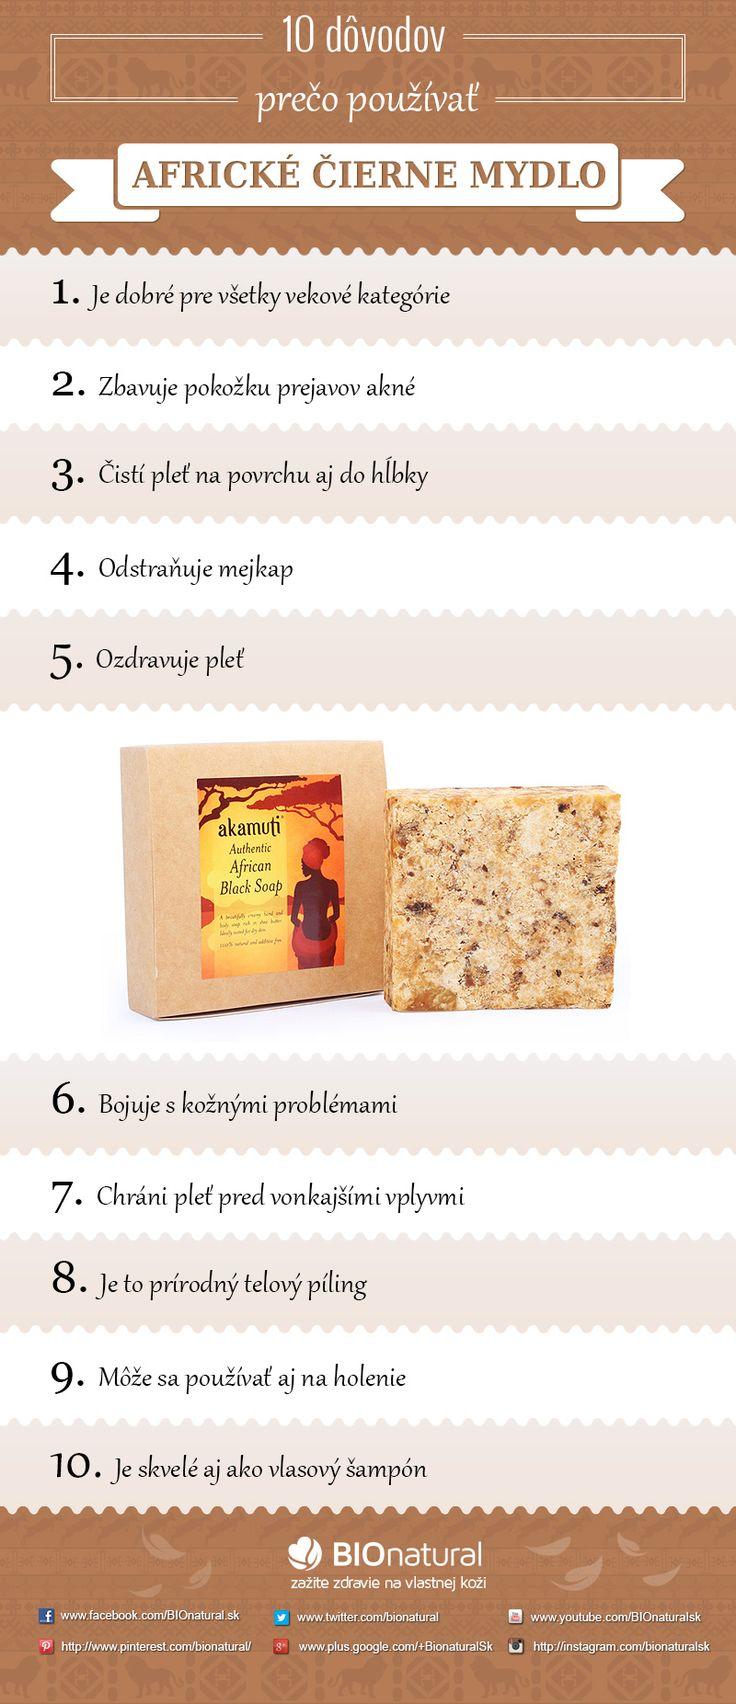 10 dôvodov prečo používať africké čierne mydlo http://www.bionatural.sk/a/10-dovodov-preco-pouzivat-africke-cierne-mydlo-infografika